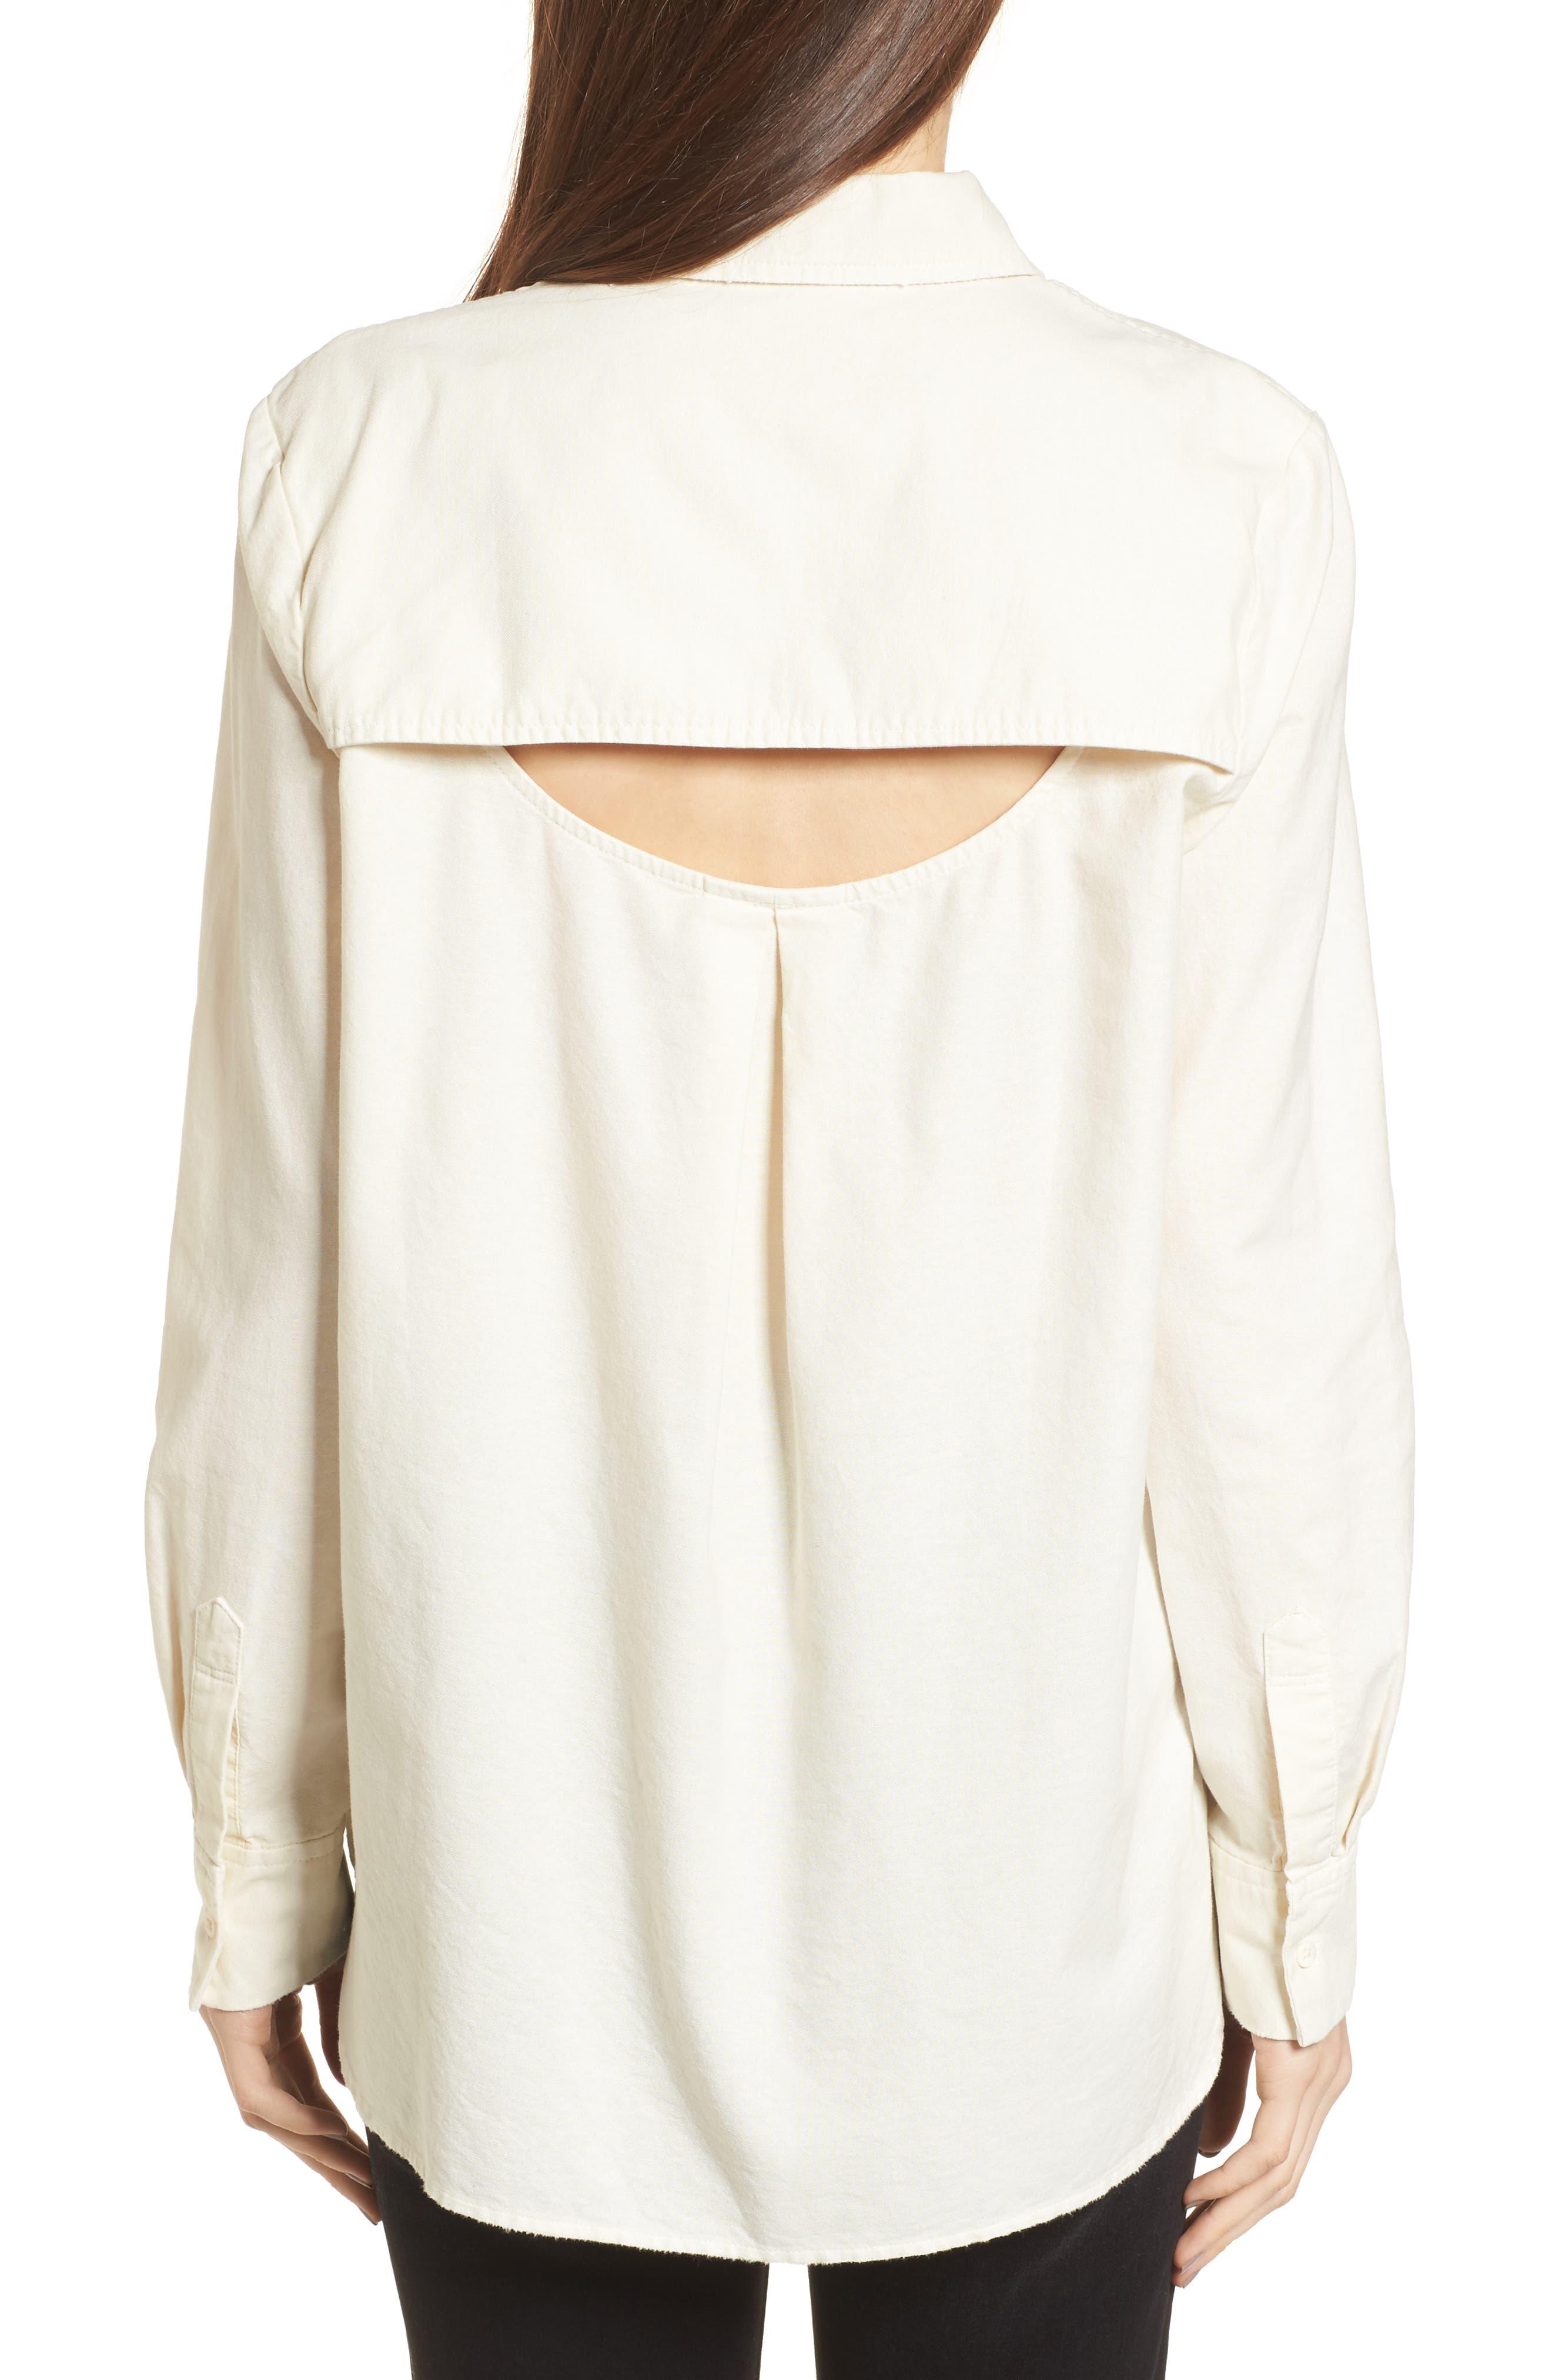 Shana Woven Shirt,                             Alternate thumbnail 2, color,                             Sunbaked Misty Morning